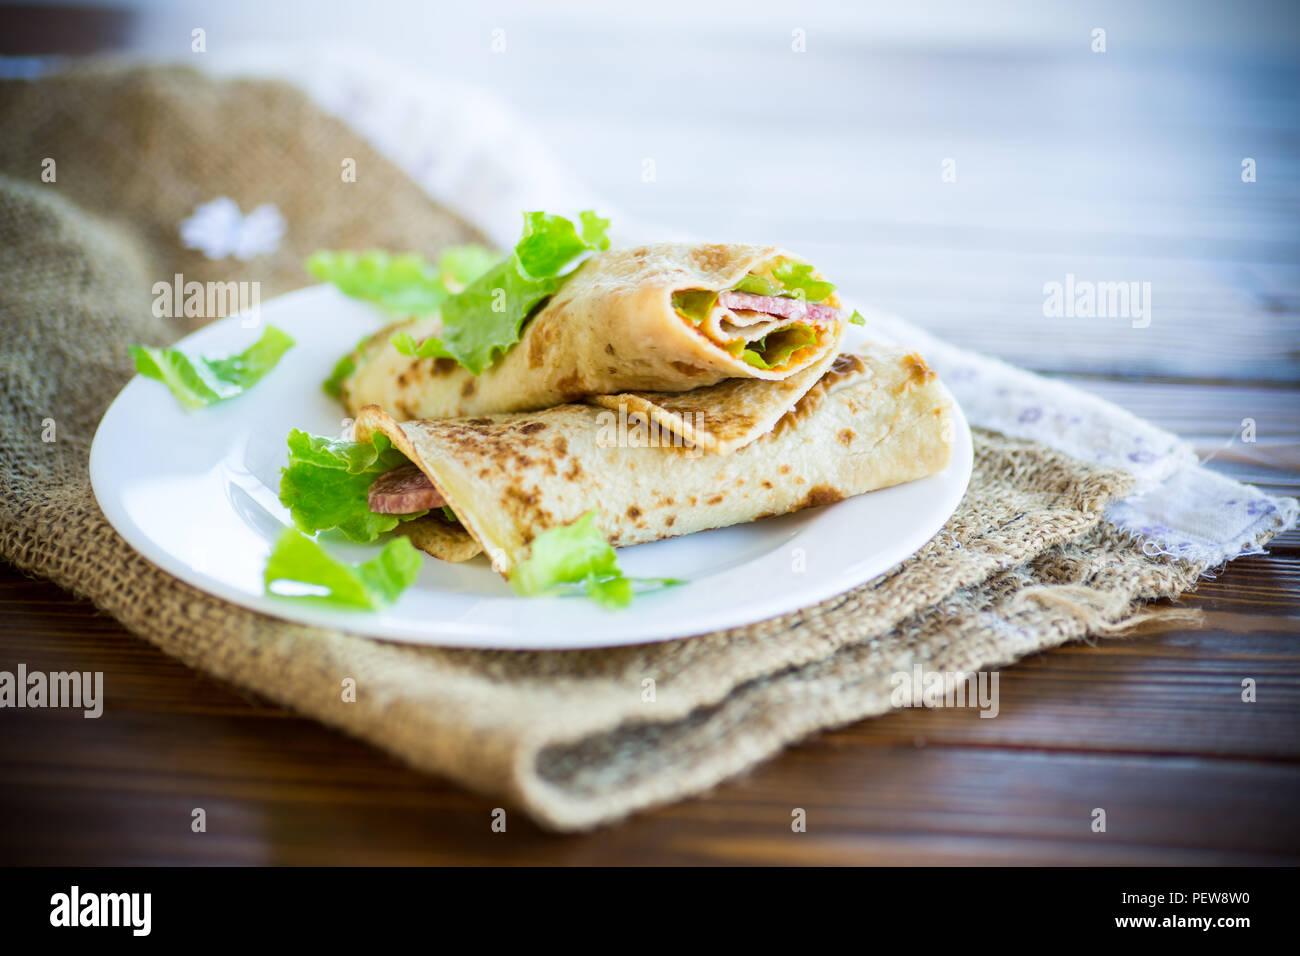 Dünne Pfannkuchen mit Salat und Speck in eine Platte auf einem Holztisch Stockbild